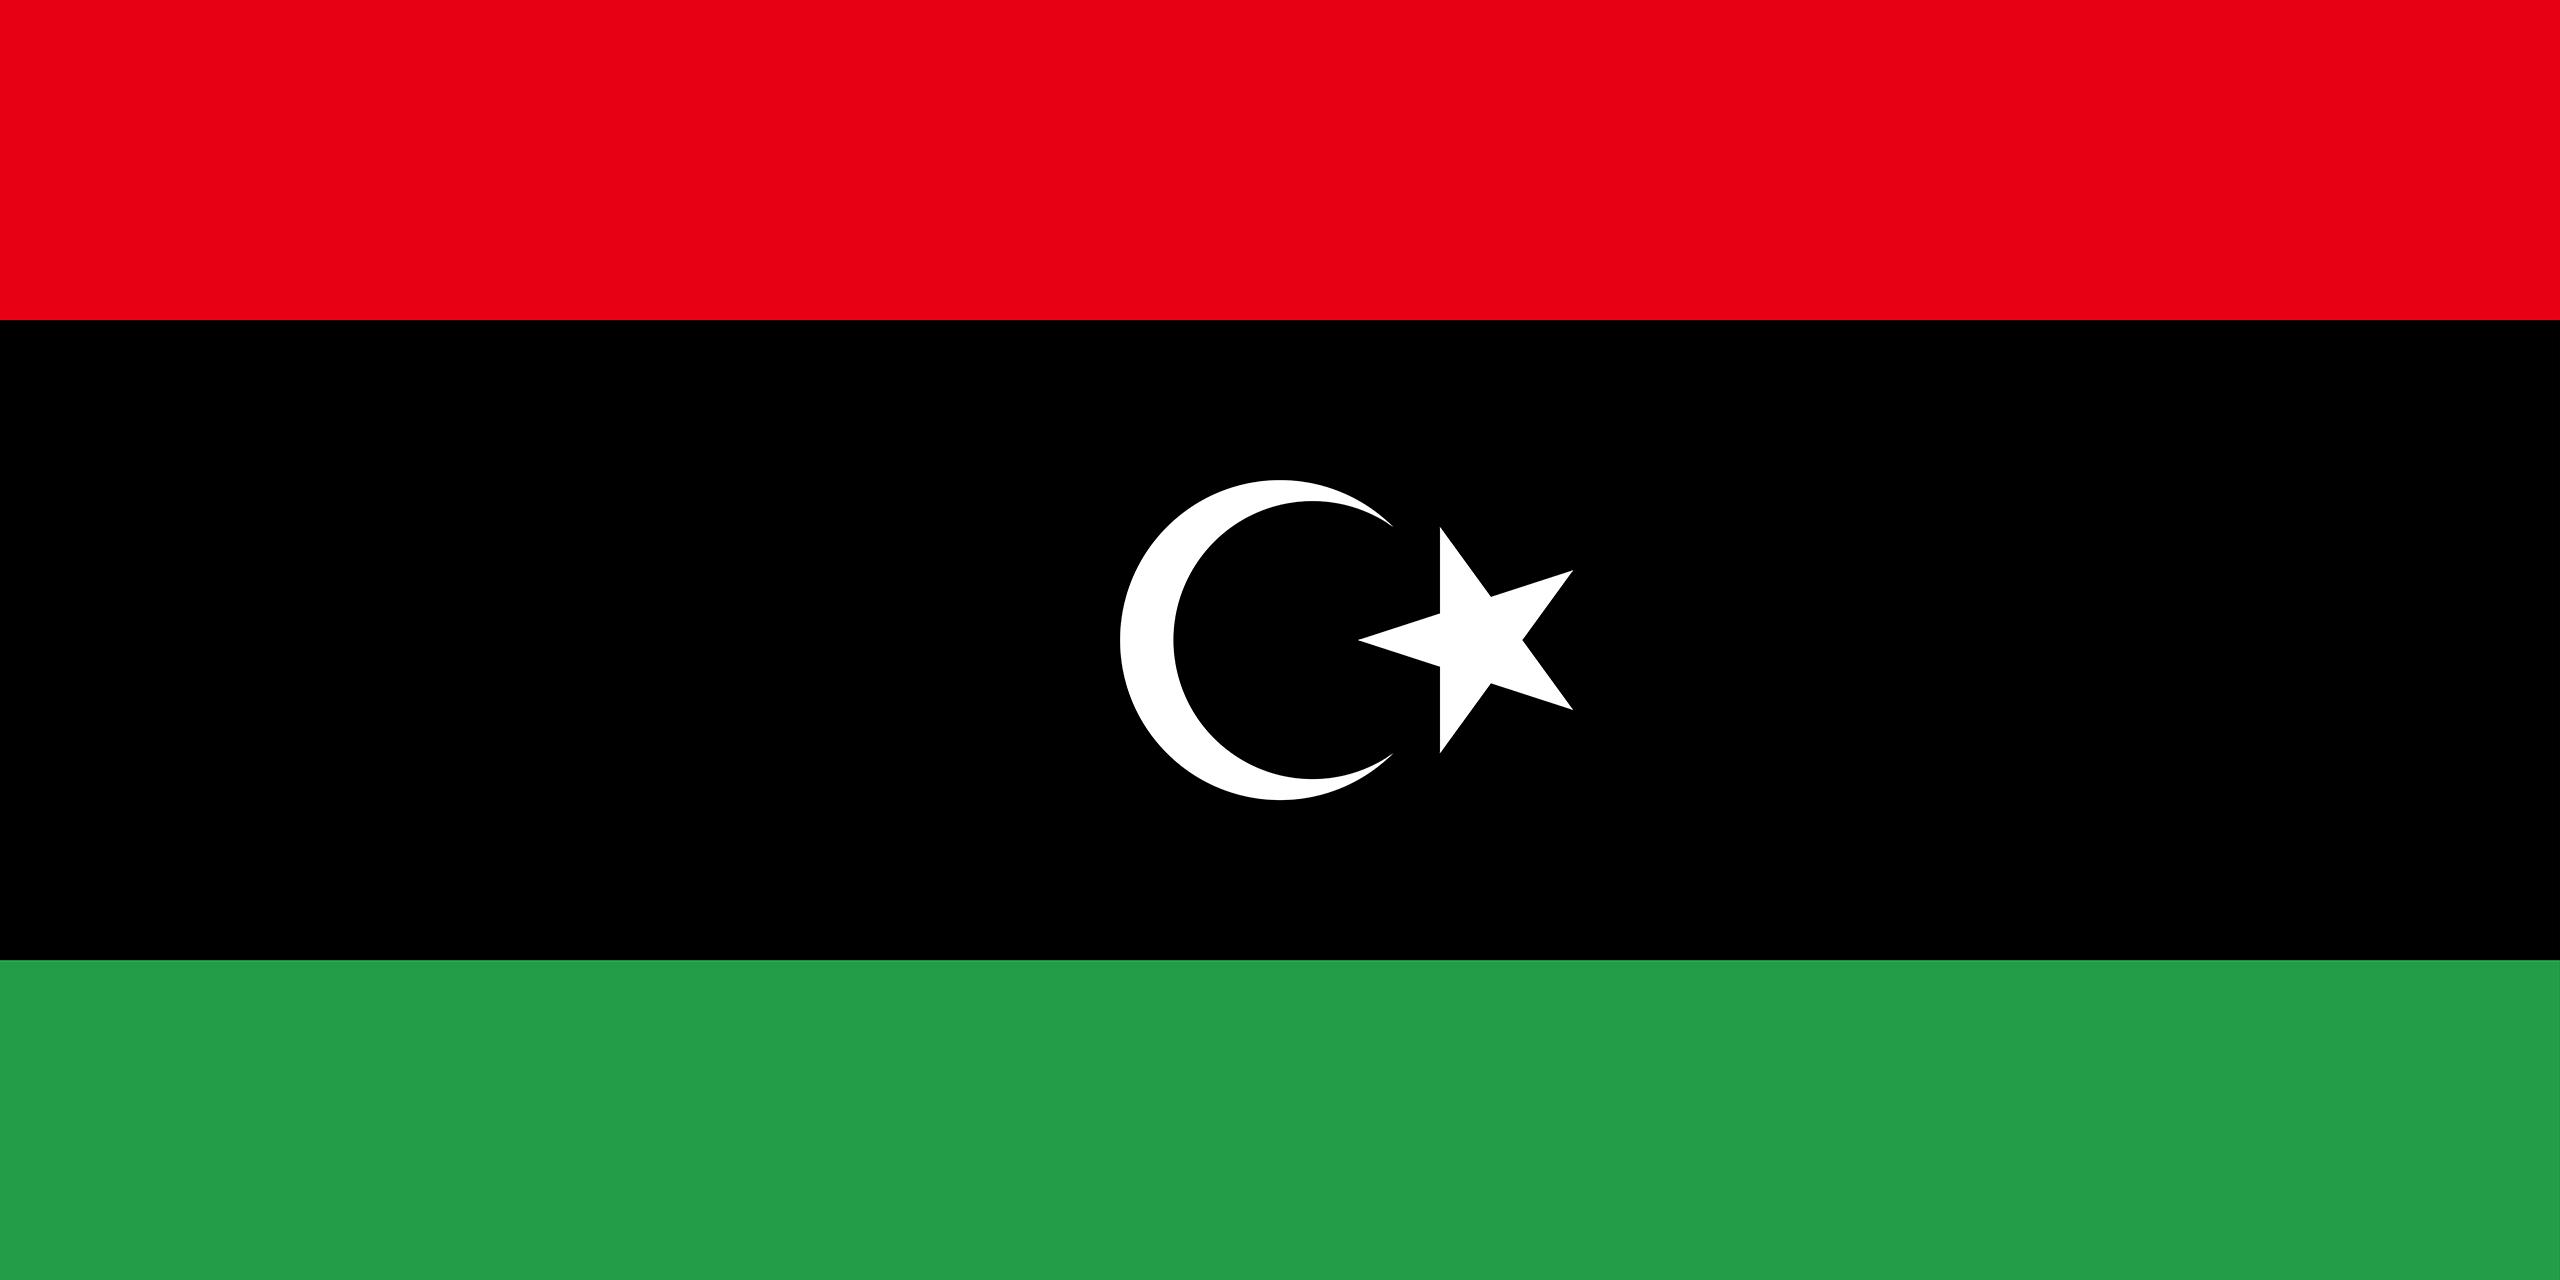 利比亚, 国家, 会徽, 徽标, 符号 - 高清壁纸 - 教授-falken.com